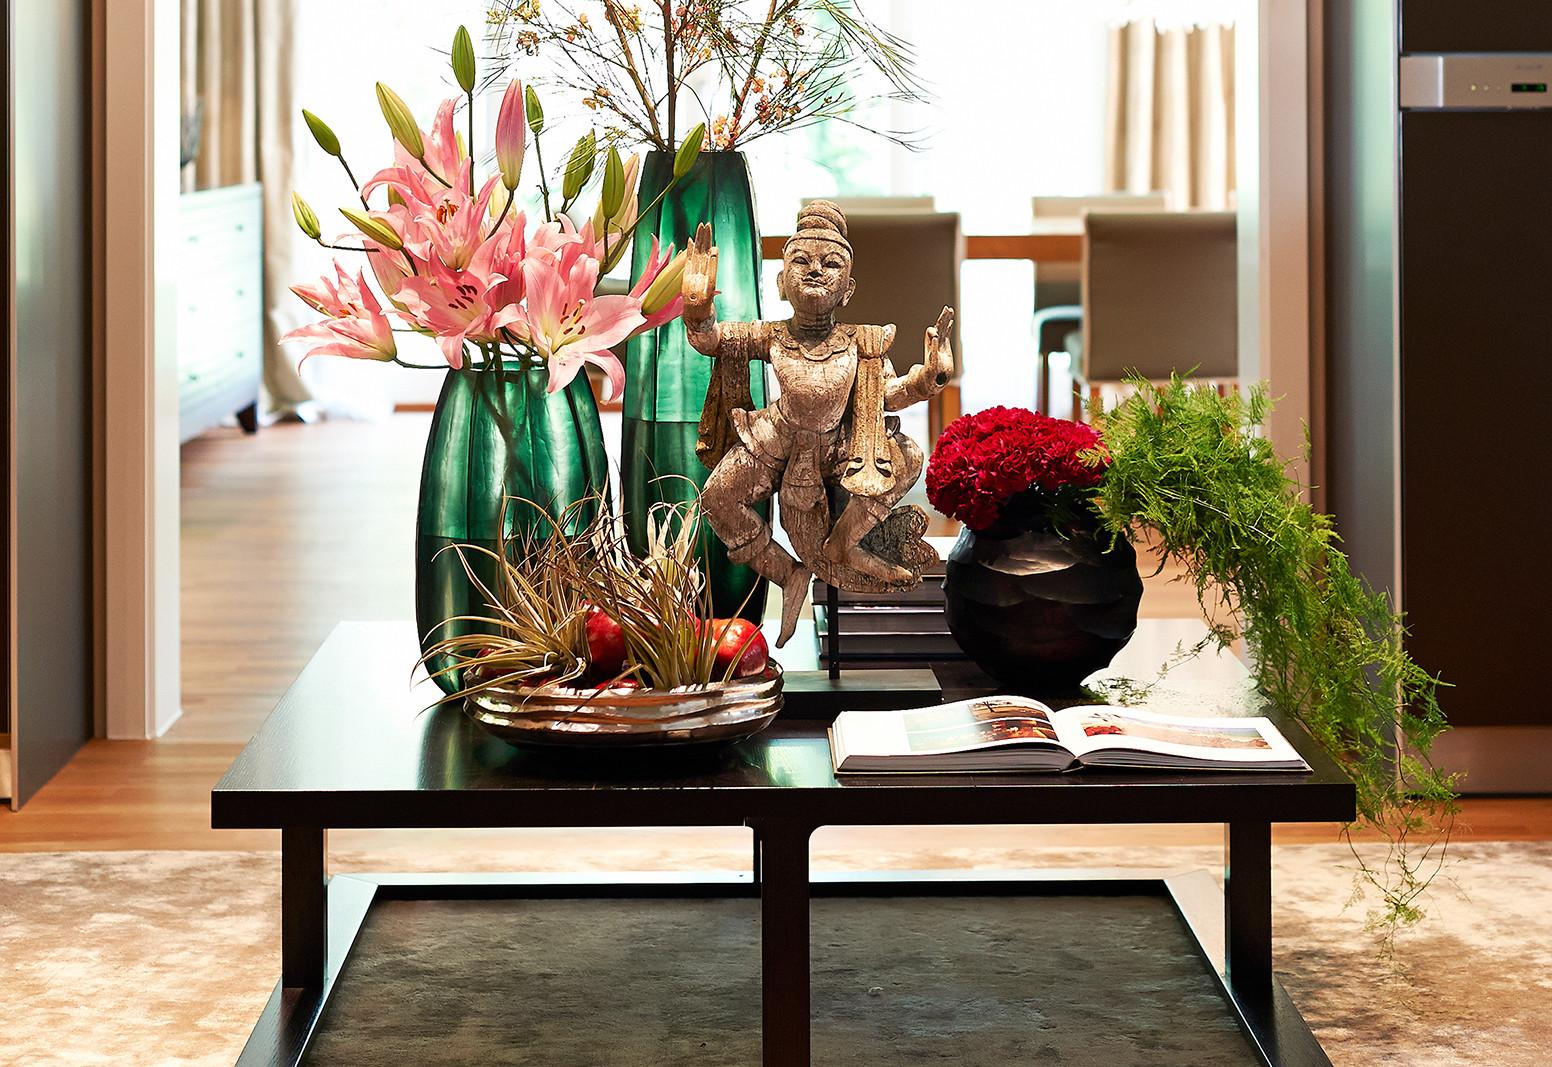 Hier sehen Sie ein Bild von Stefanie Raum Dekoration Beistelltisch Raum Contemporary Interior